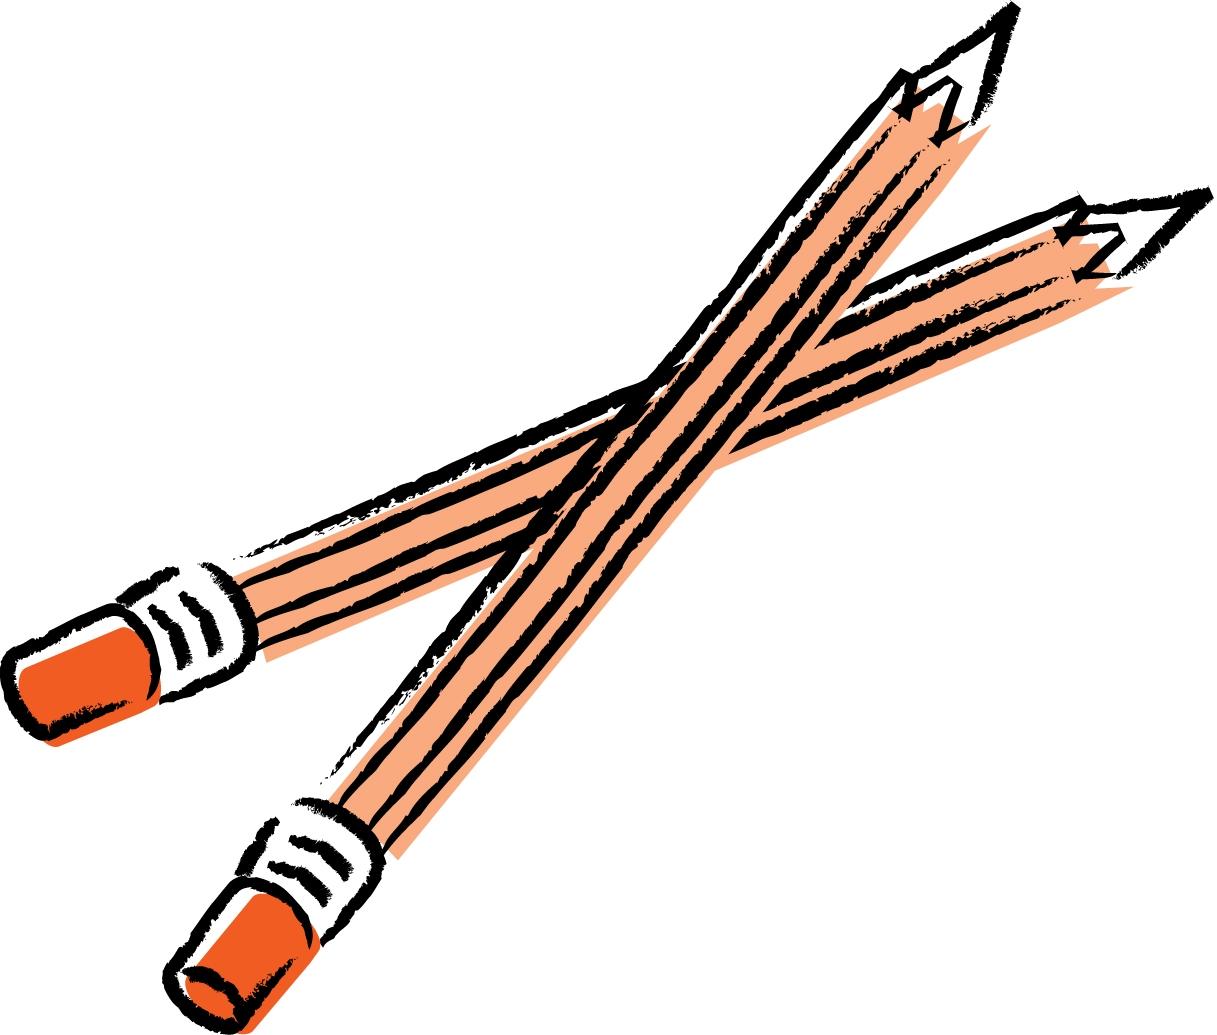 Pencils clipart Unique Two Pencils Clipart 10 » Clipart Station.